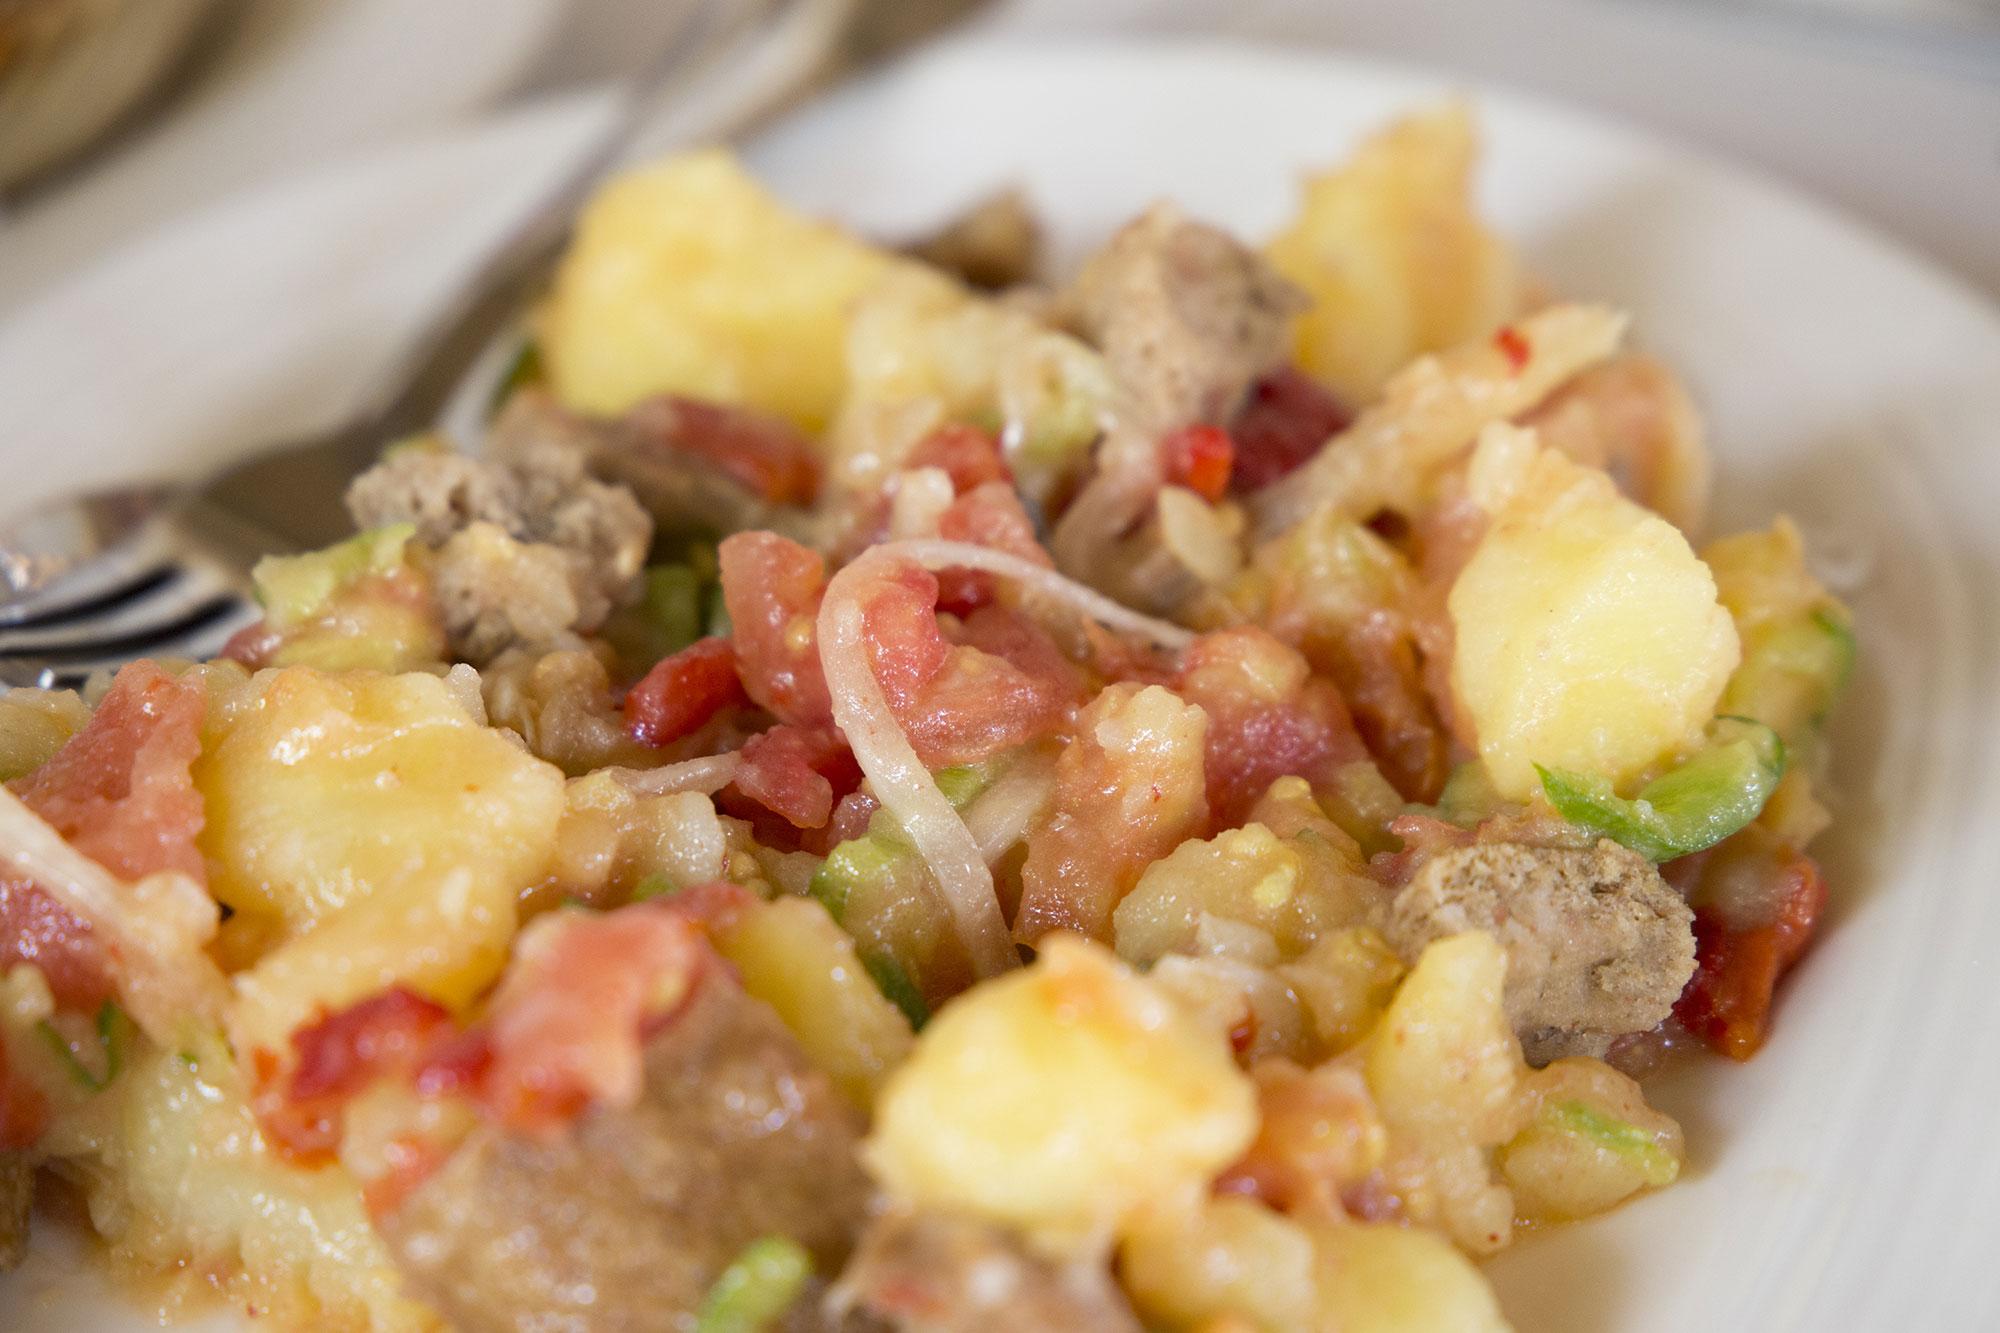 La ensalada payesa de Formentera es uno de los platos que se prepara con el peix sec. Foto: shutterstock